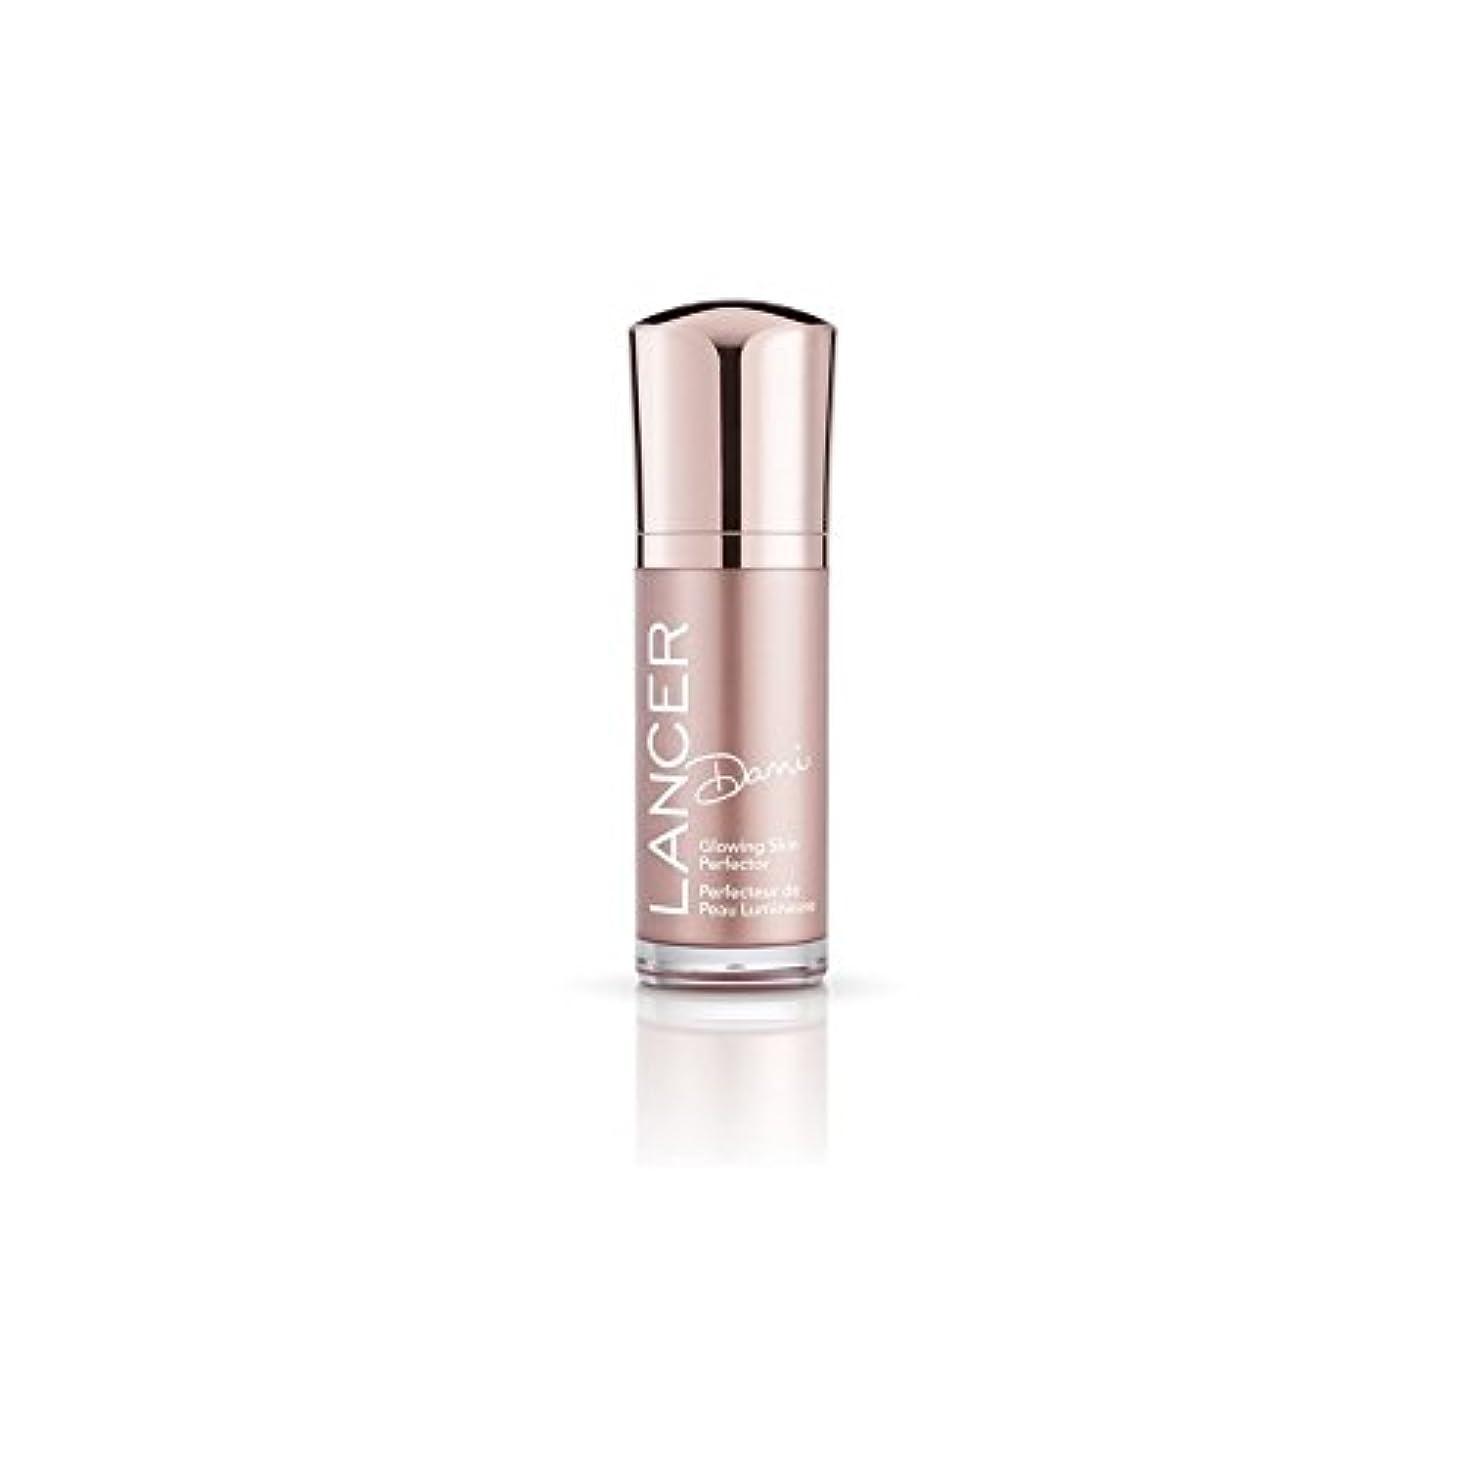 から聞く予想外採用スキンパーフェク輝くランサースキンケアダニ(30ミリリットル) x4 - Lancer Skincare Dani Glowing Skin Perfector (30ml) (Pack of 4) [並行輸入品]